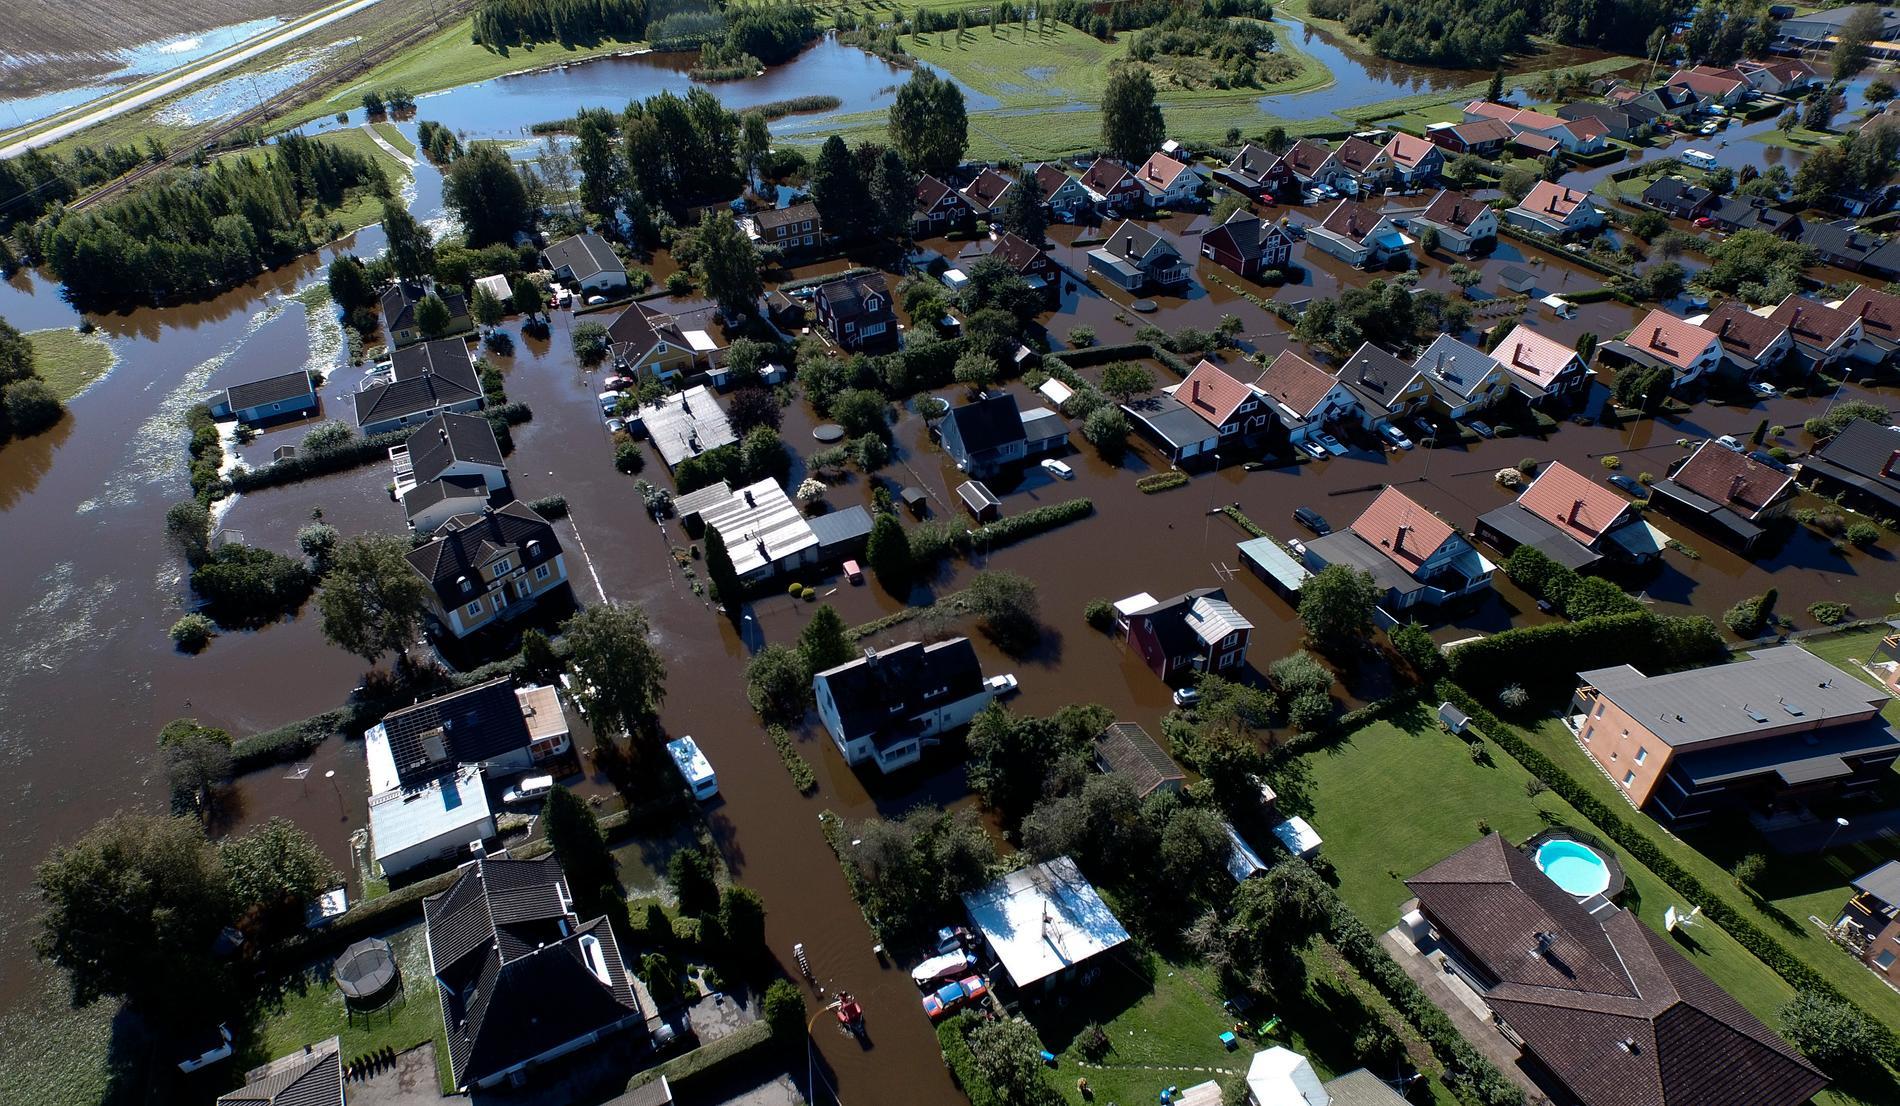 När SMHI varnar för stora regnmängder kan du som bor i ett utsatt område täta källarfönster och ventiler, lyder uppmaningen från räddningstjänsten. Arkivbild